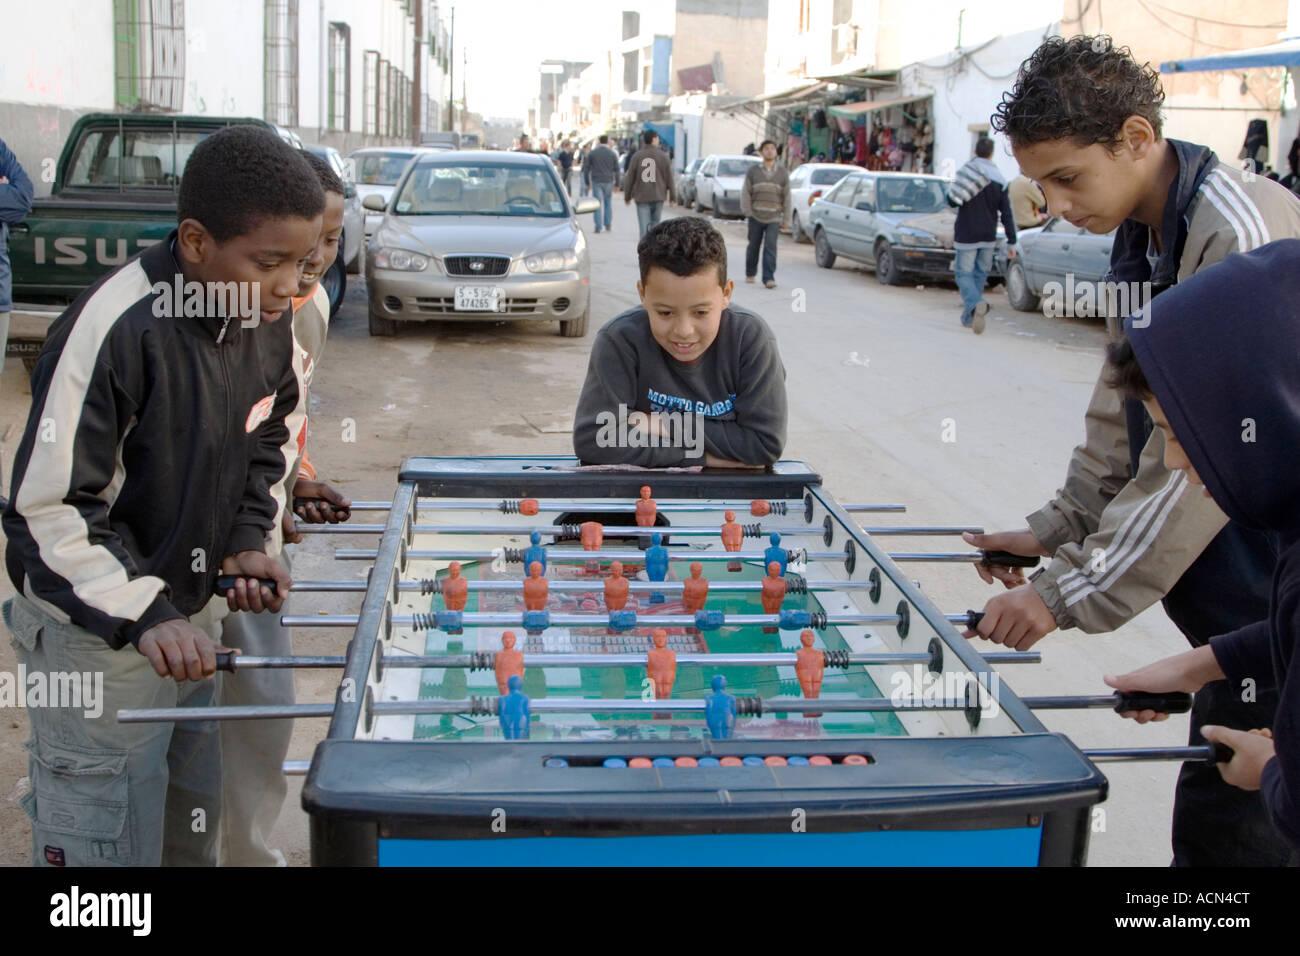 Tripoli, Libya. Boys Playing Fussball, Tripoli Medina - Stock Image